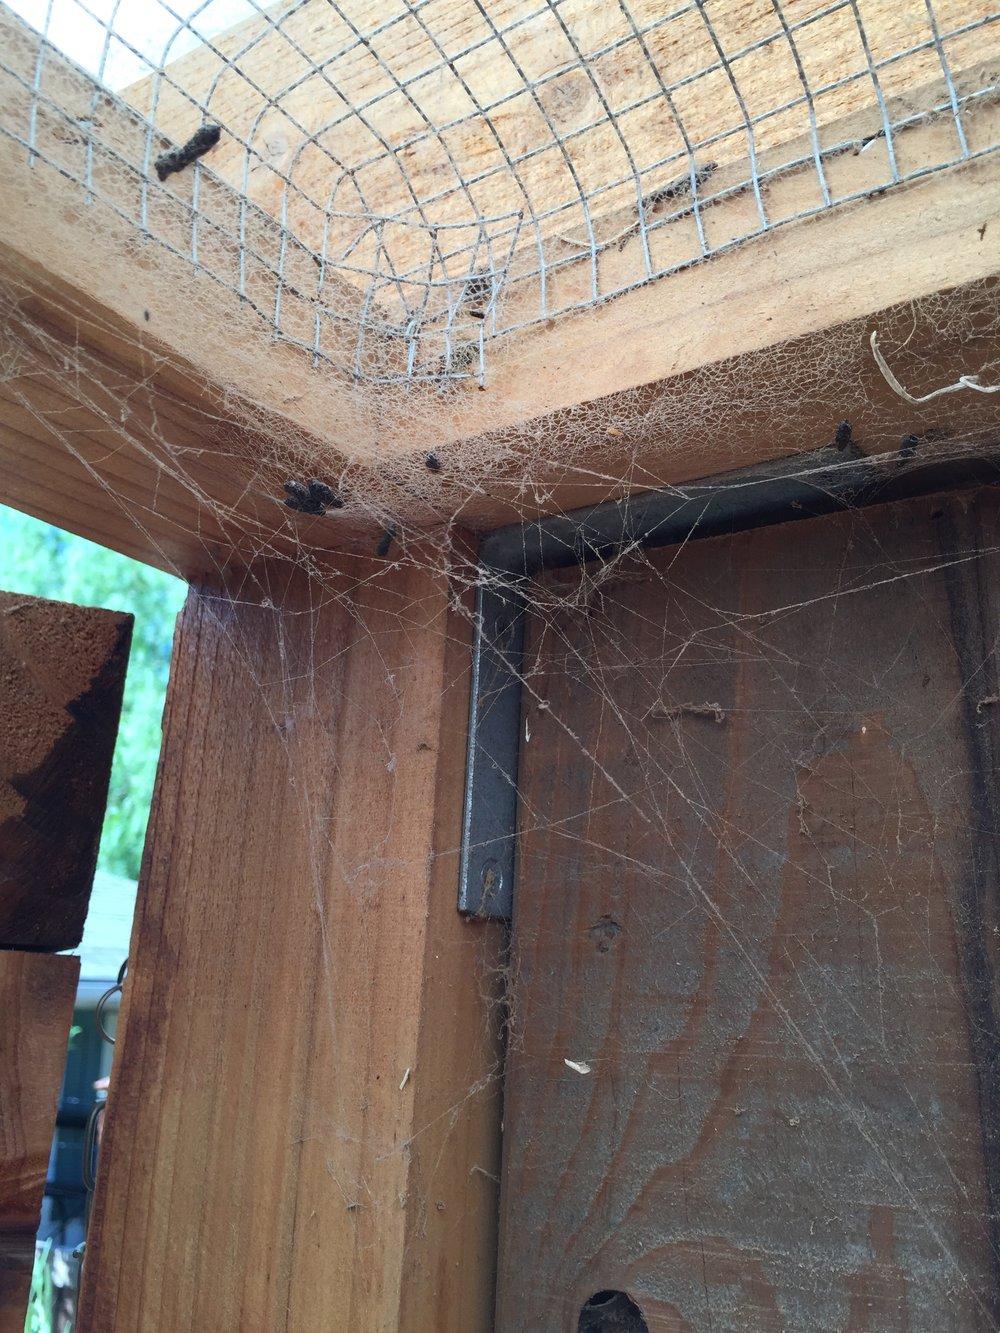 Spider webs!